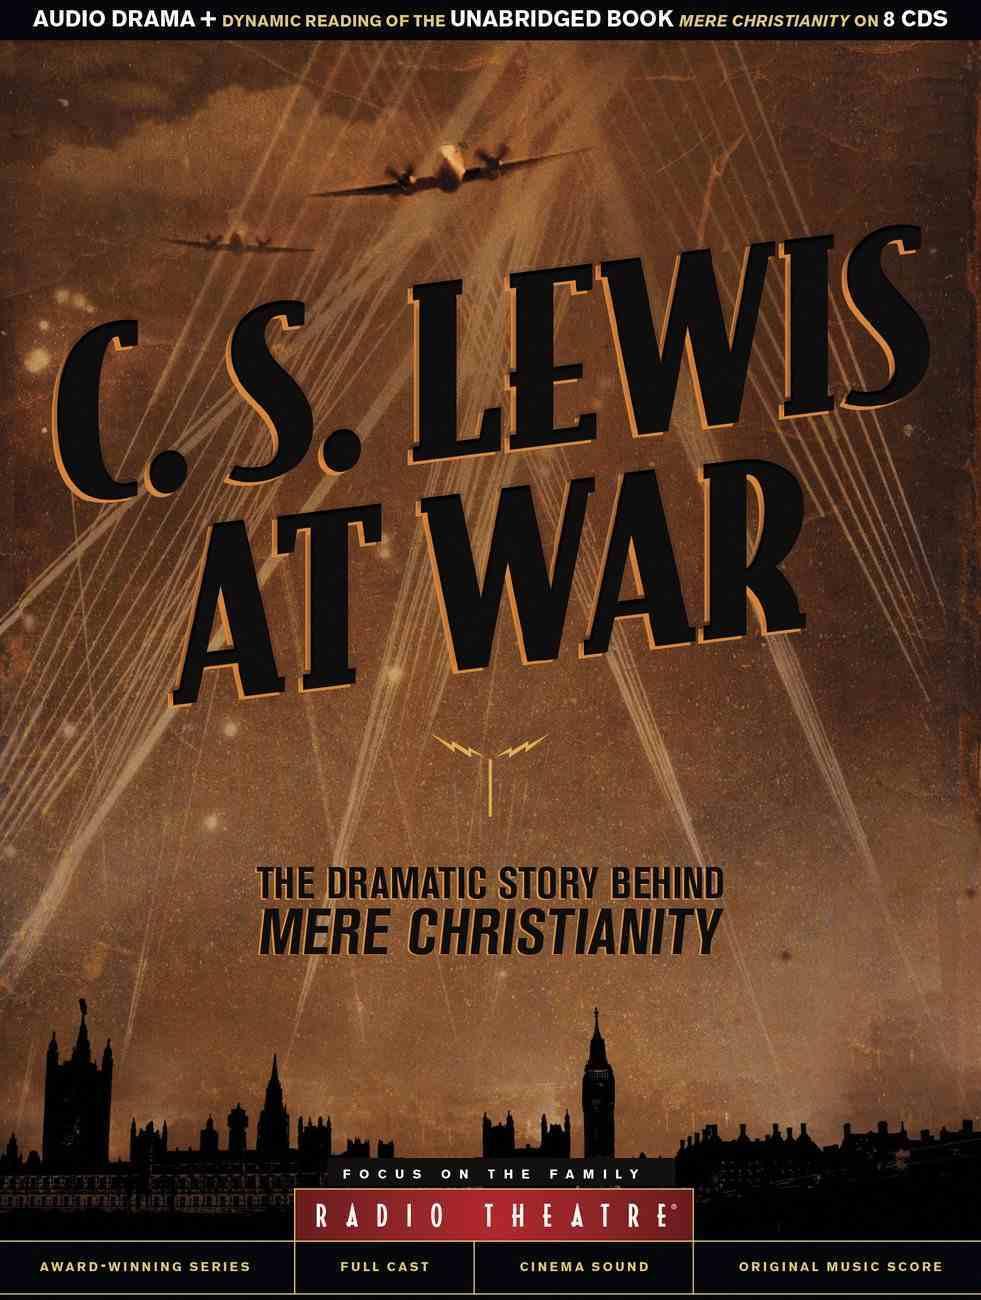 C. S. Lewis At War (Unabridged, 8 Cds) CD